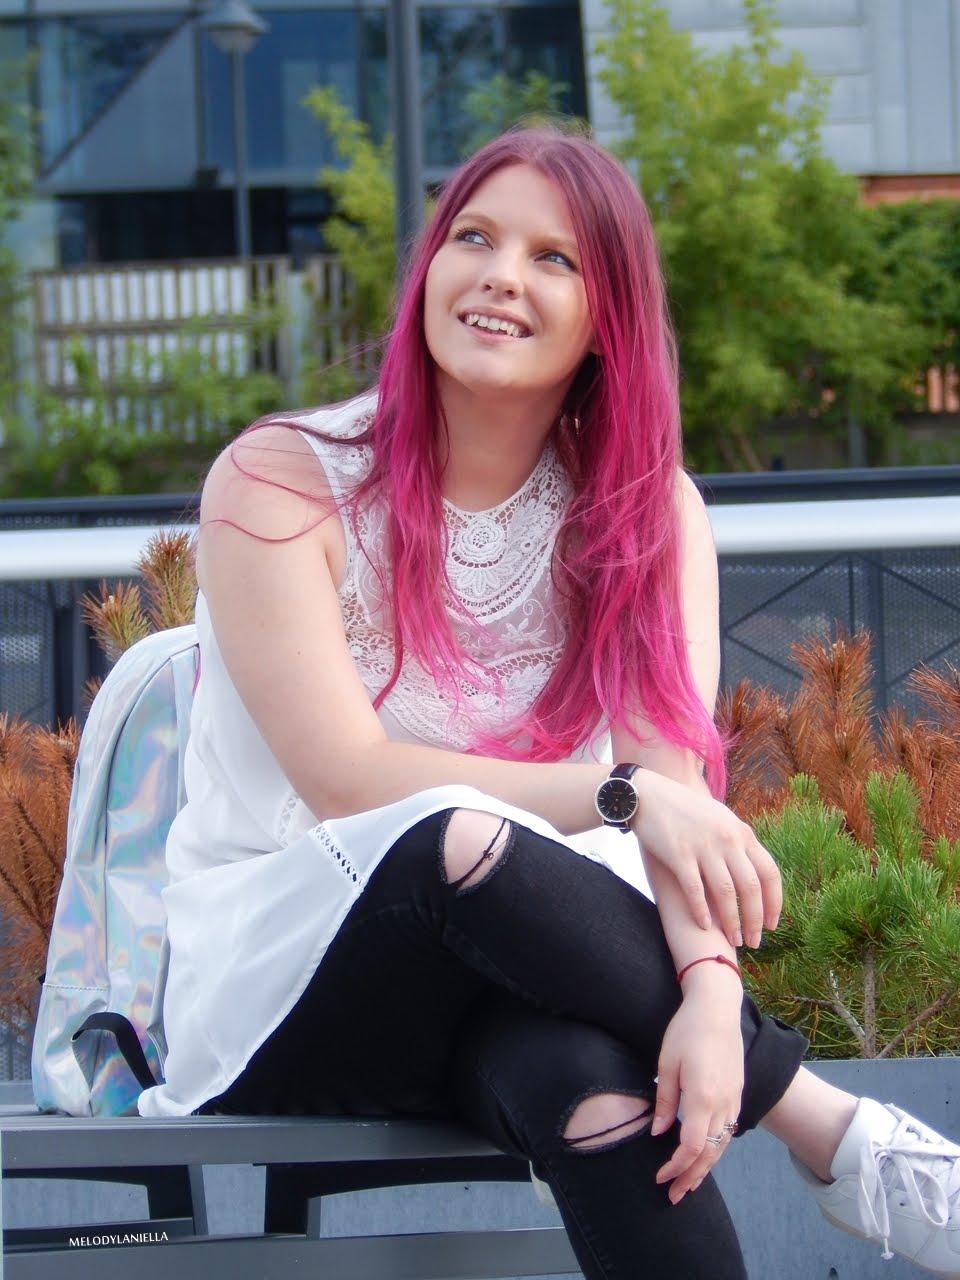 18 holograficzny plecak betterlook.pl farby venita różowe włosy jak pofarbować włosy kolorowe włosy ombre pink hair paul rich watches zegarek czarne jeansy z dziurami modna polka lookbook